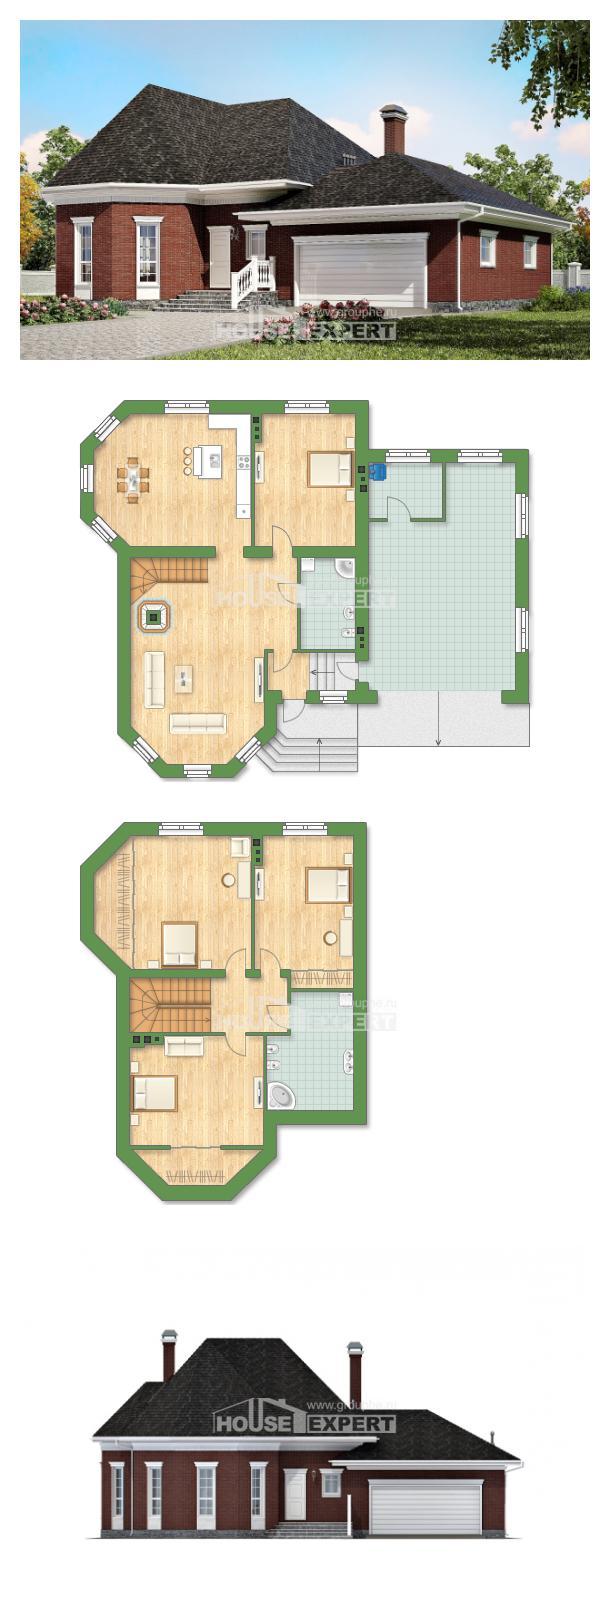 Proyecto de casa 290-002-R | House Expert